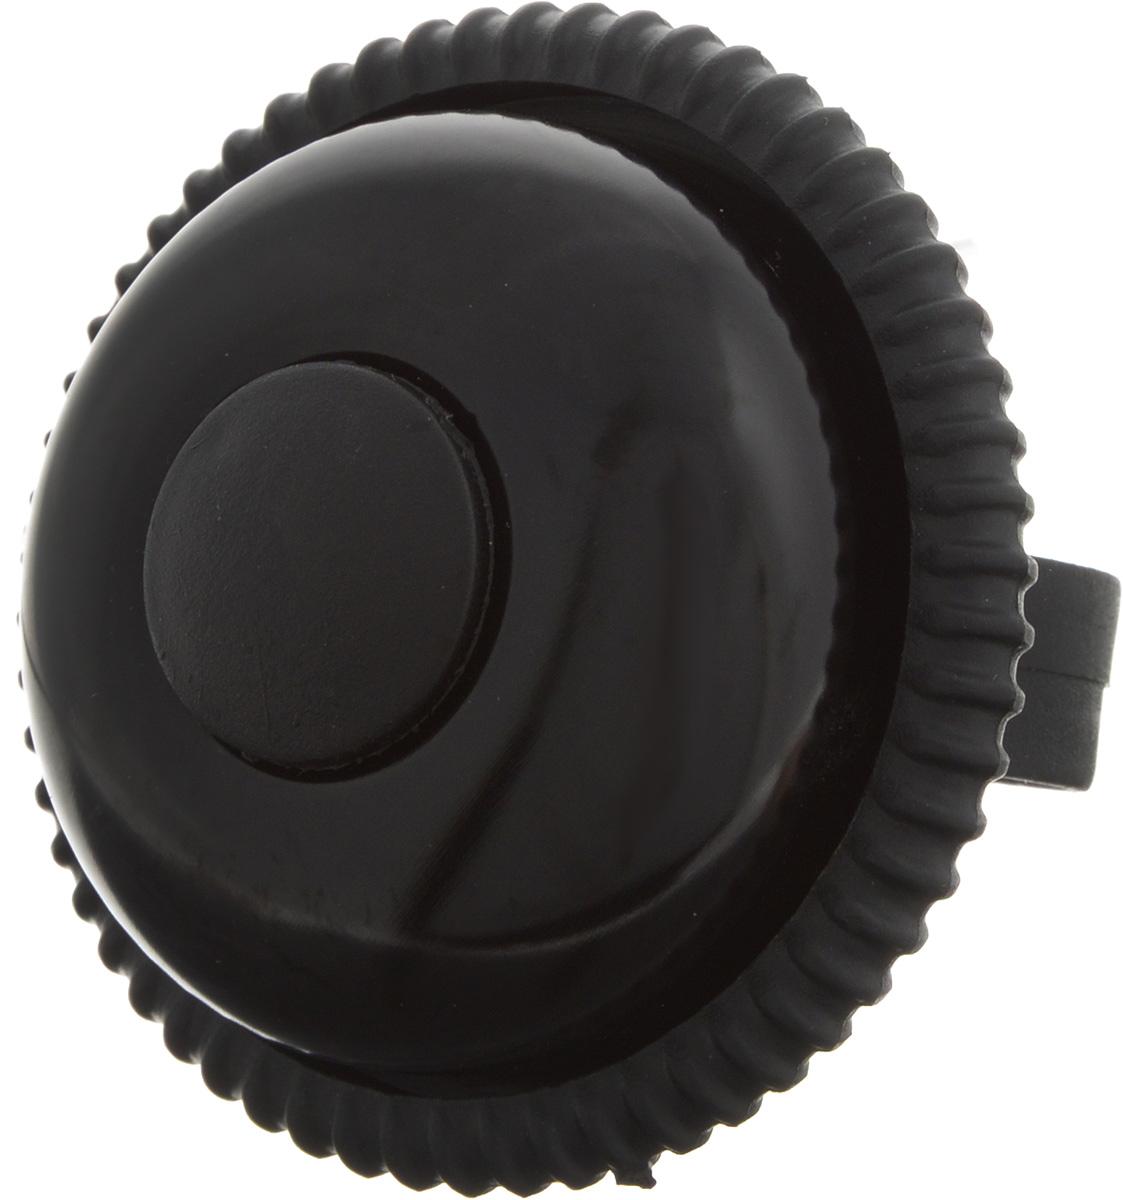 Звонок велосипедный Stern, цвет: черный